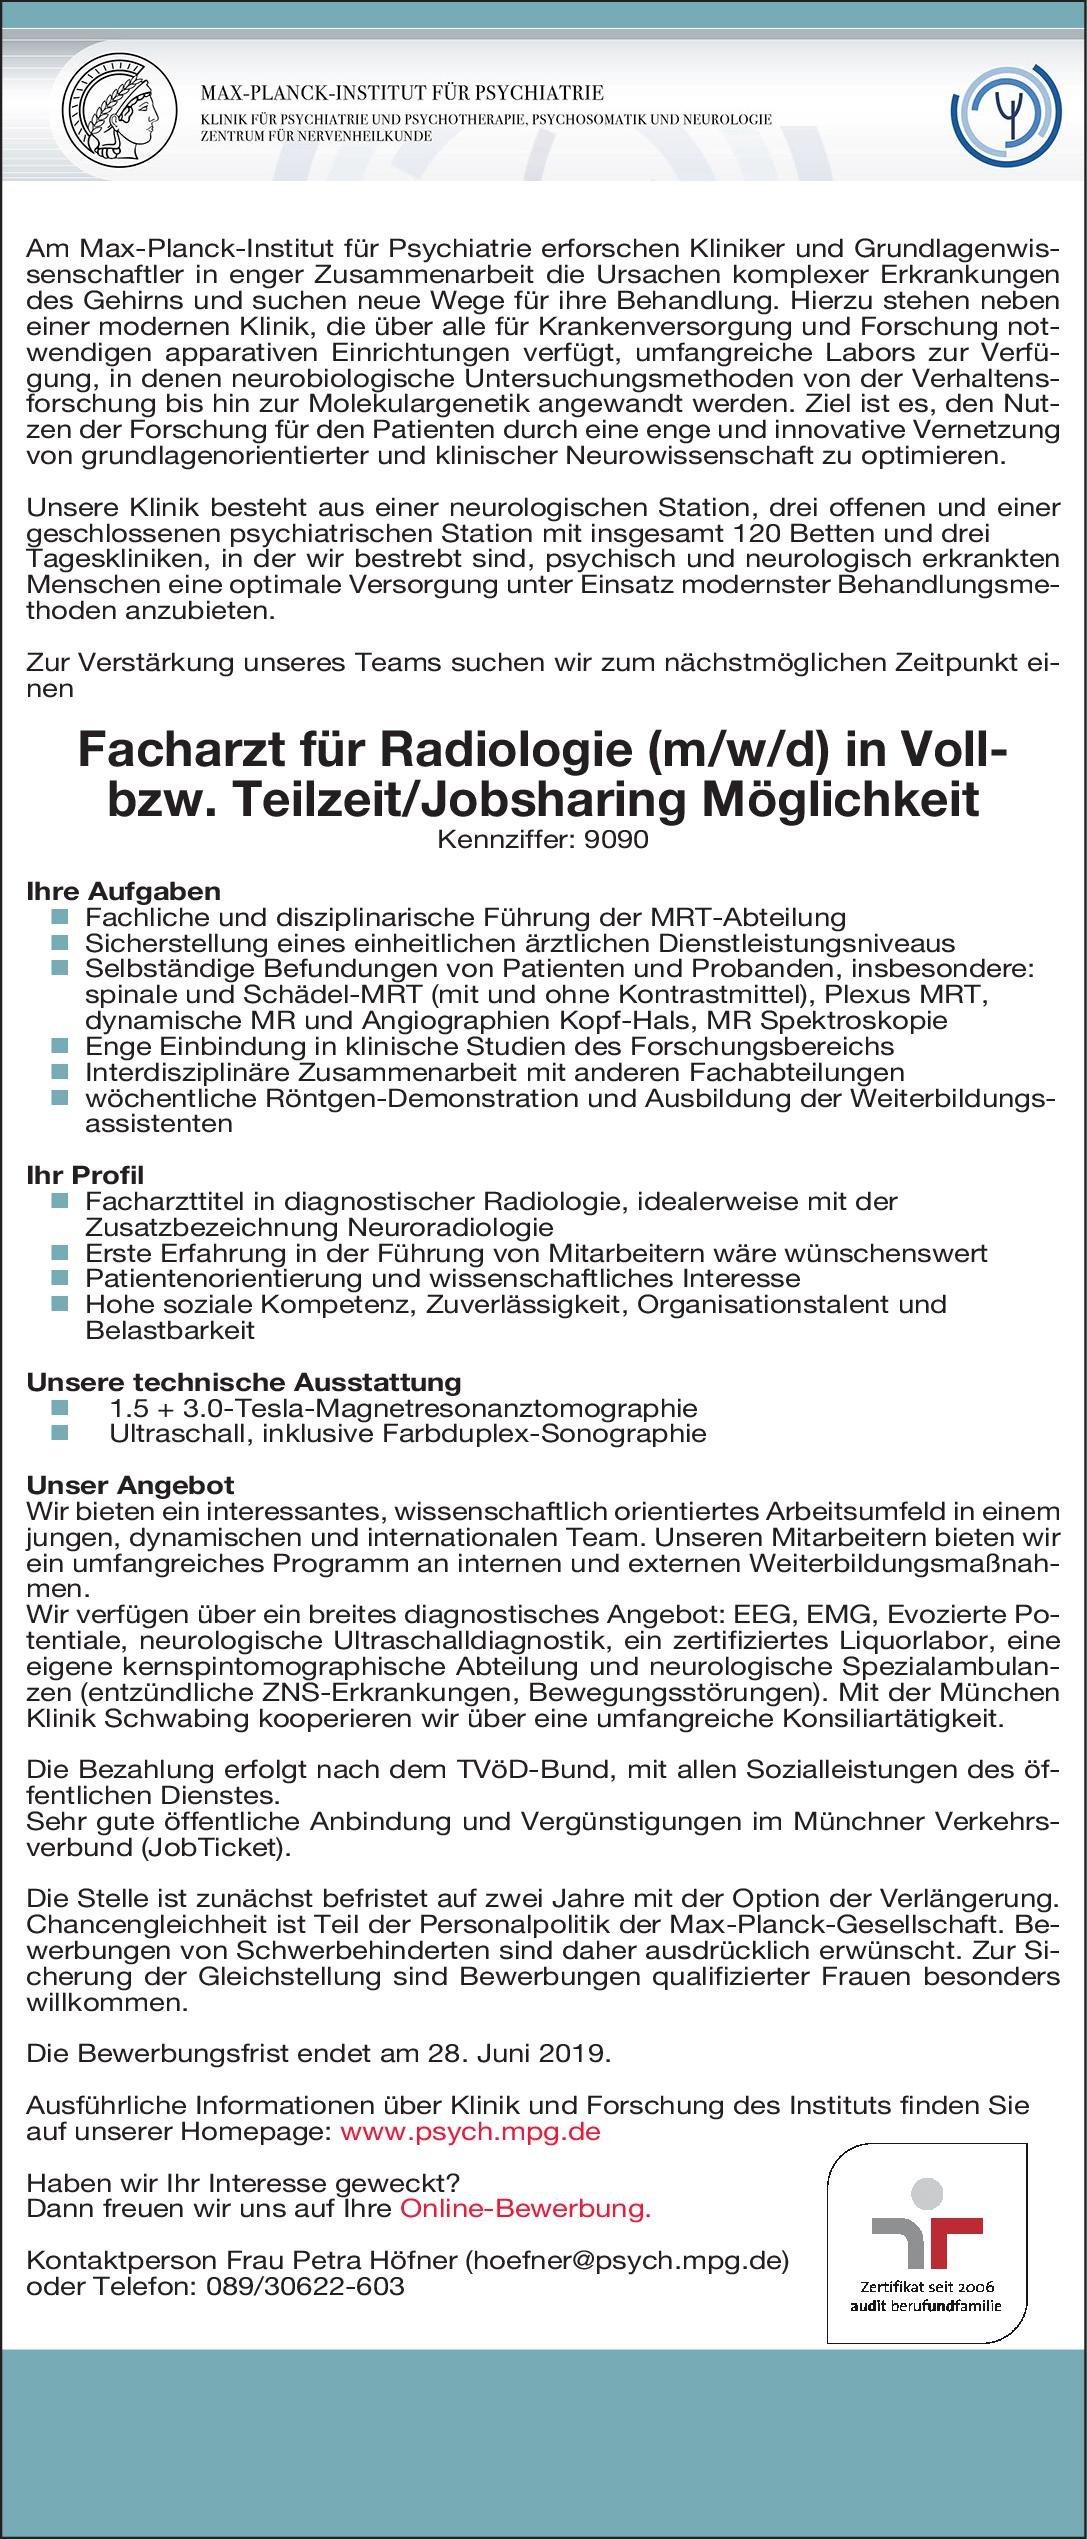 Max-Planck-Institut für Psychiatrie Facharzt für Radiologie (m/w/d)  Radiologie, Radiologie Arzt / Facharzt